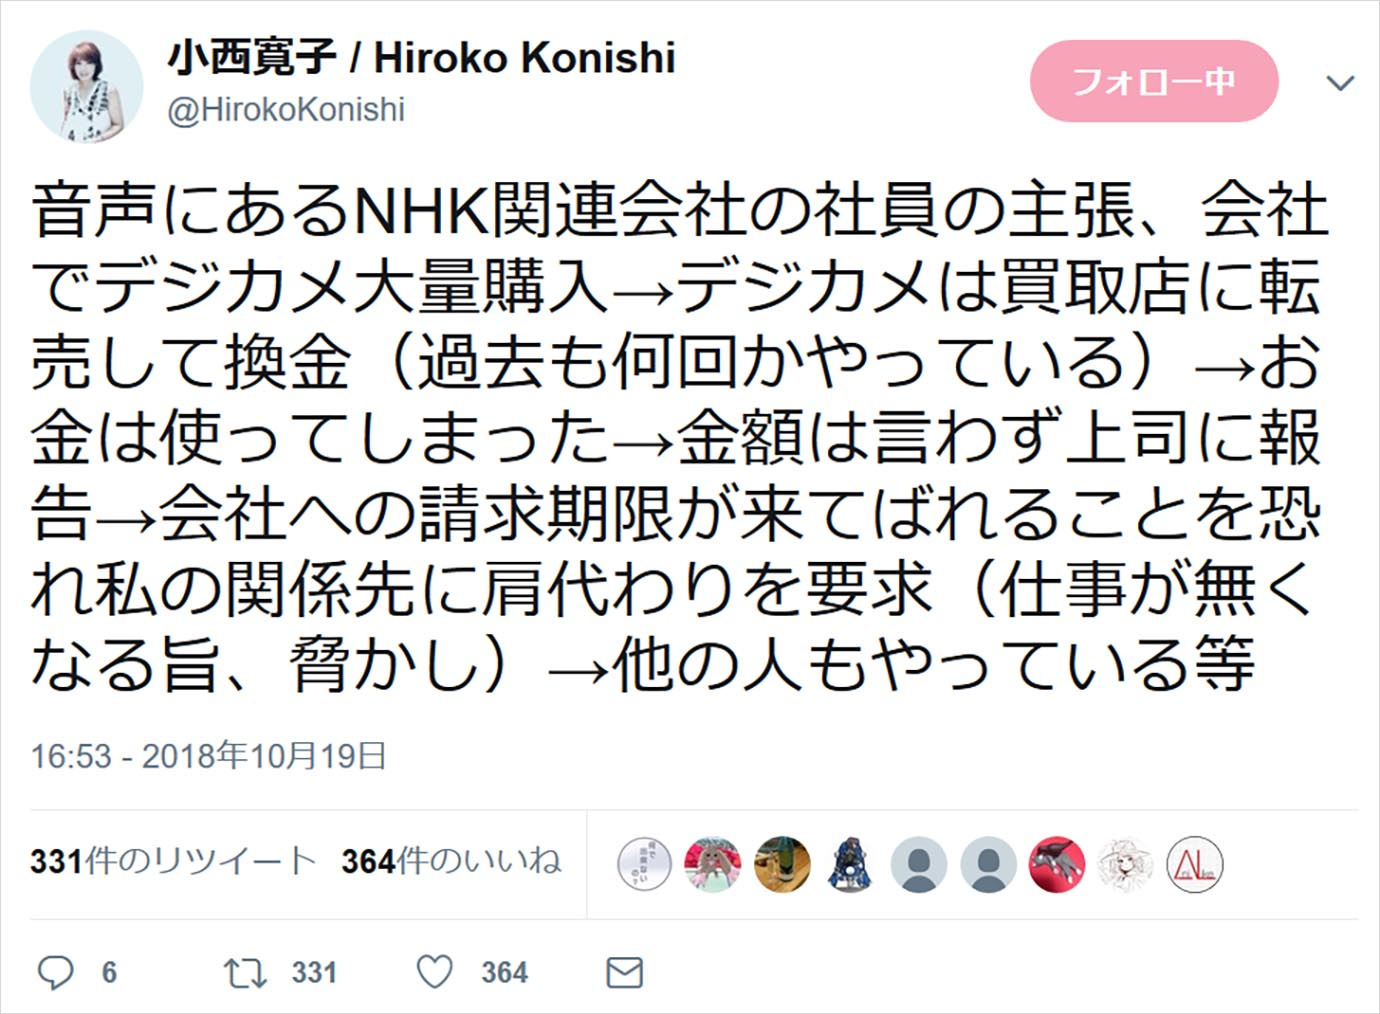 konishi-hiroko-img